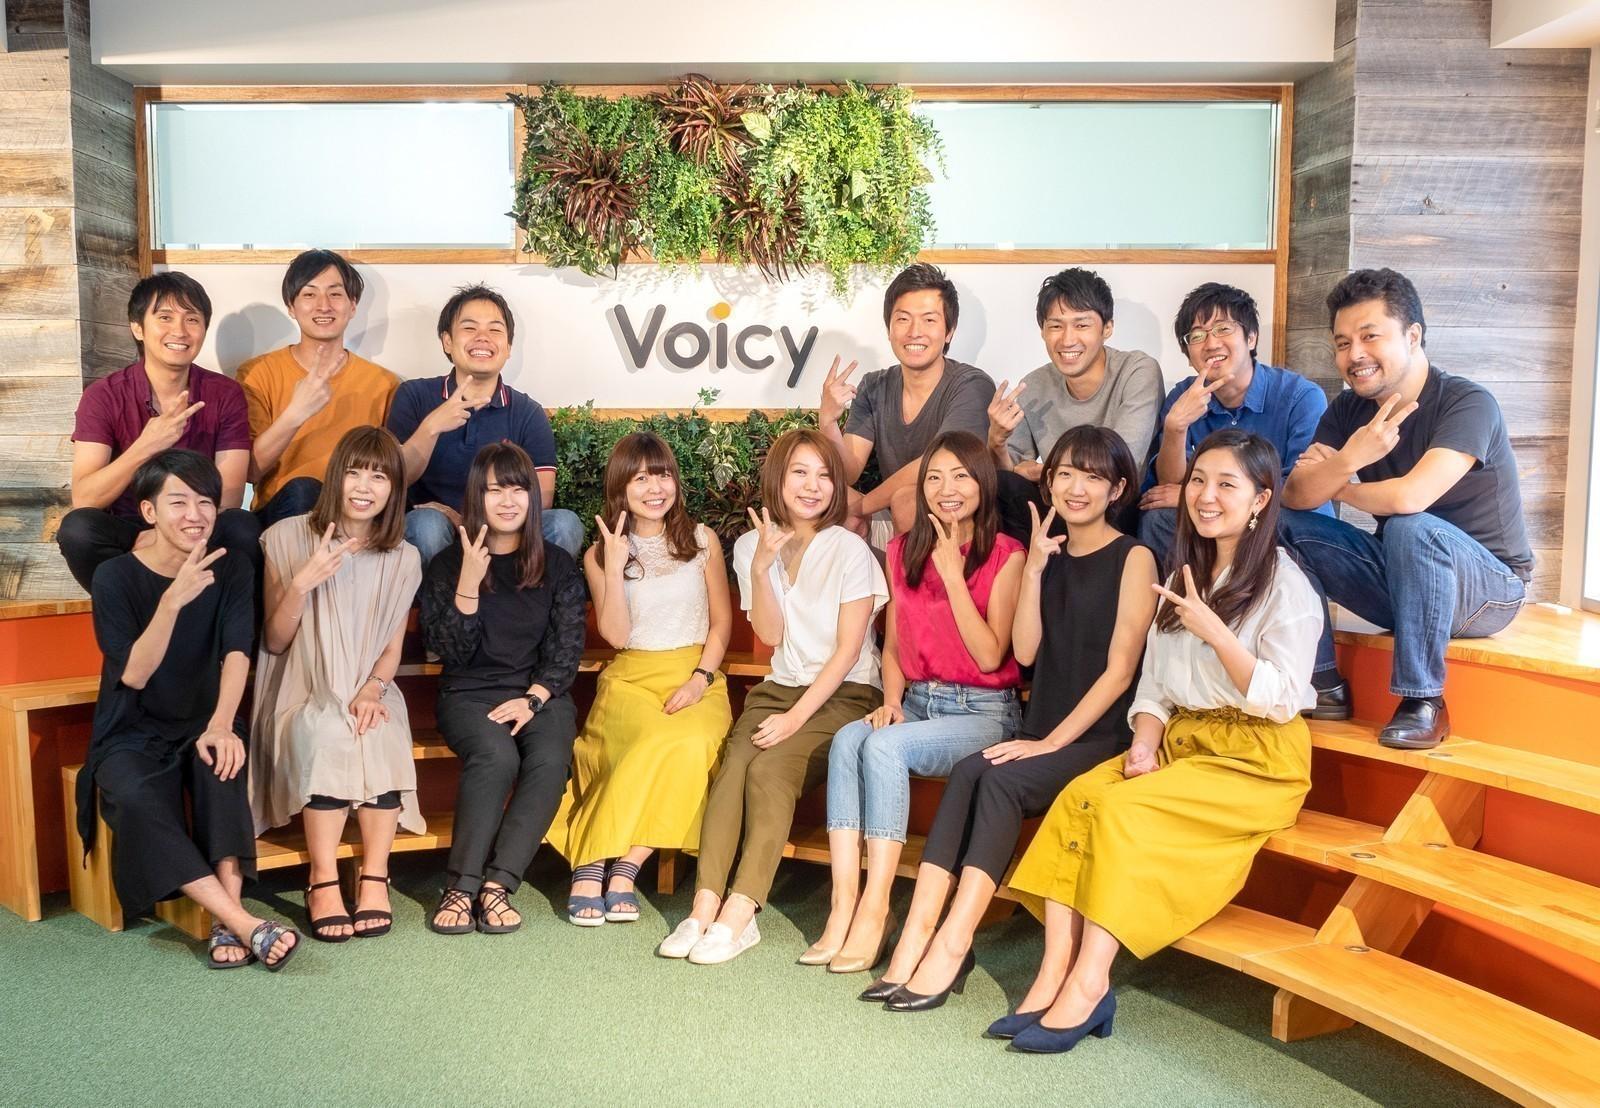 世界スタンダードの音声配信インフラに成長させる!VoicyでVPoEを募集